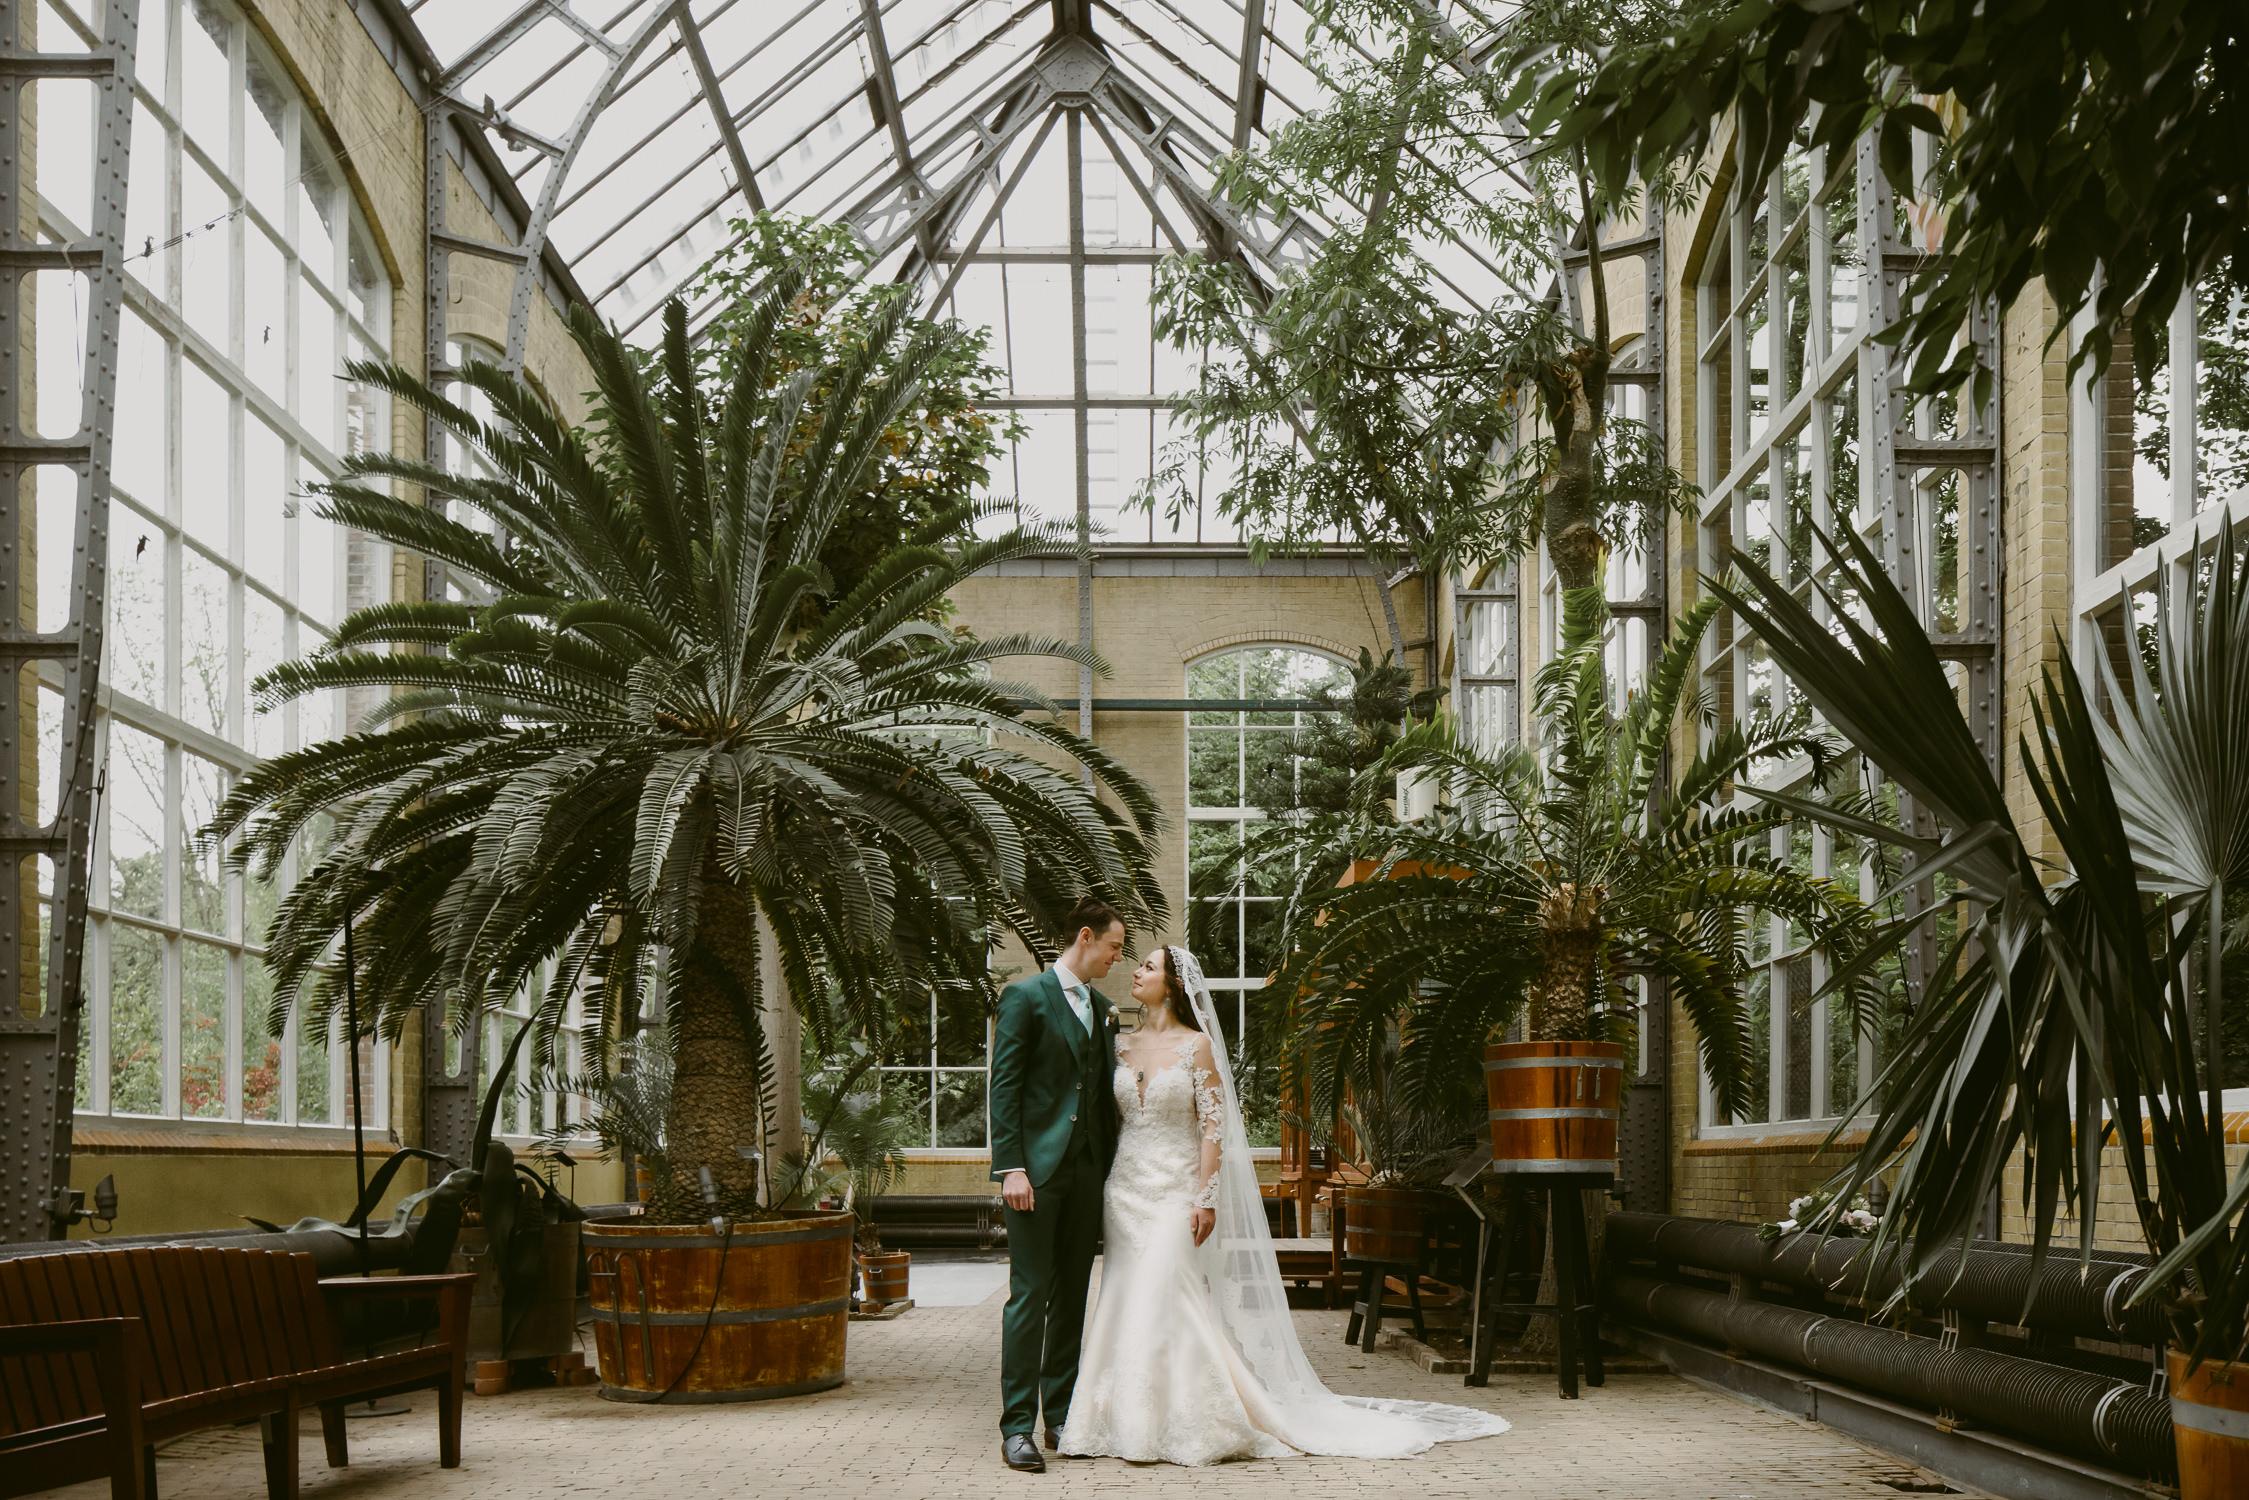 bruidsfotografie hortus botanicus amsterdam